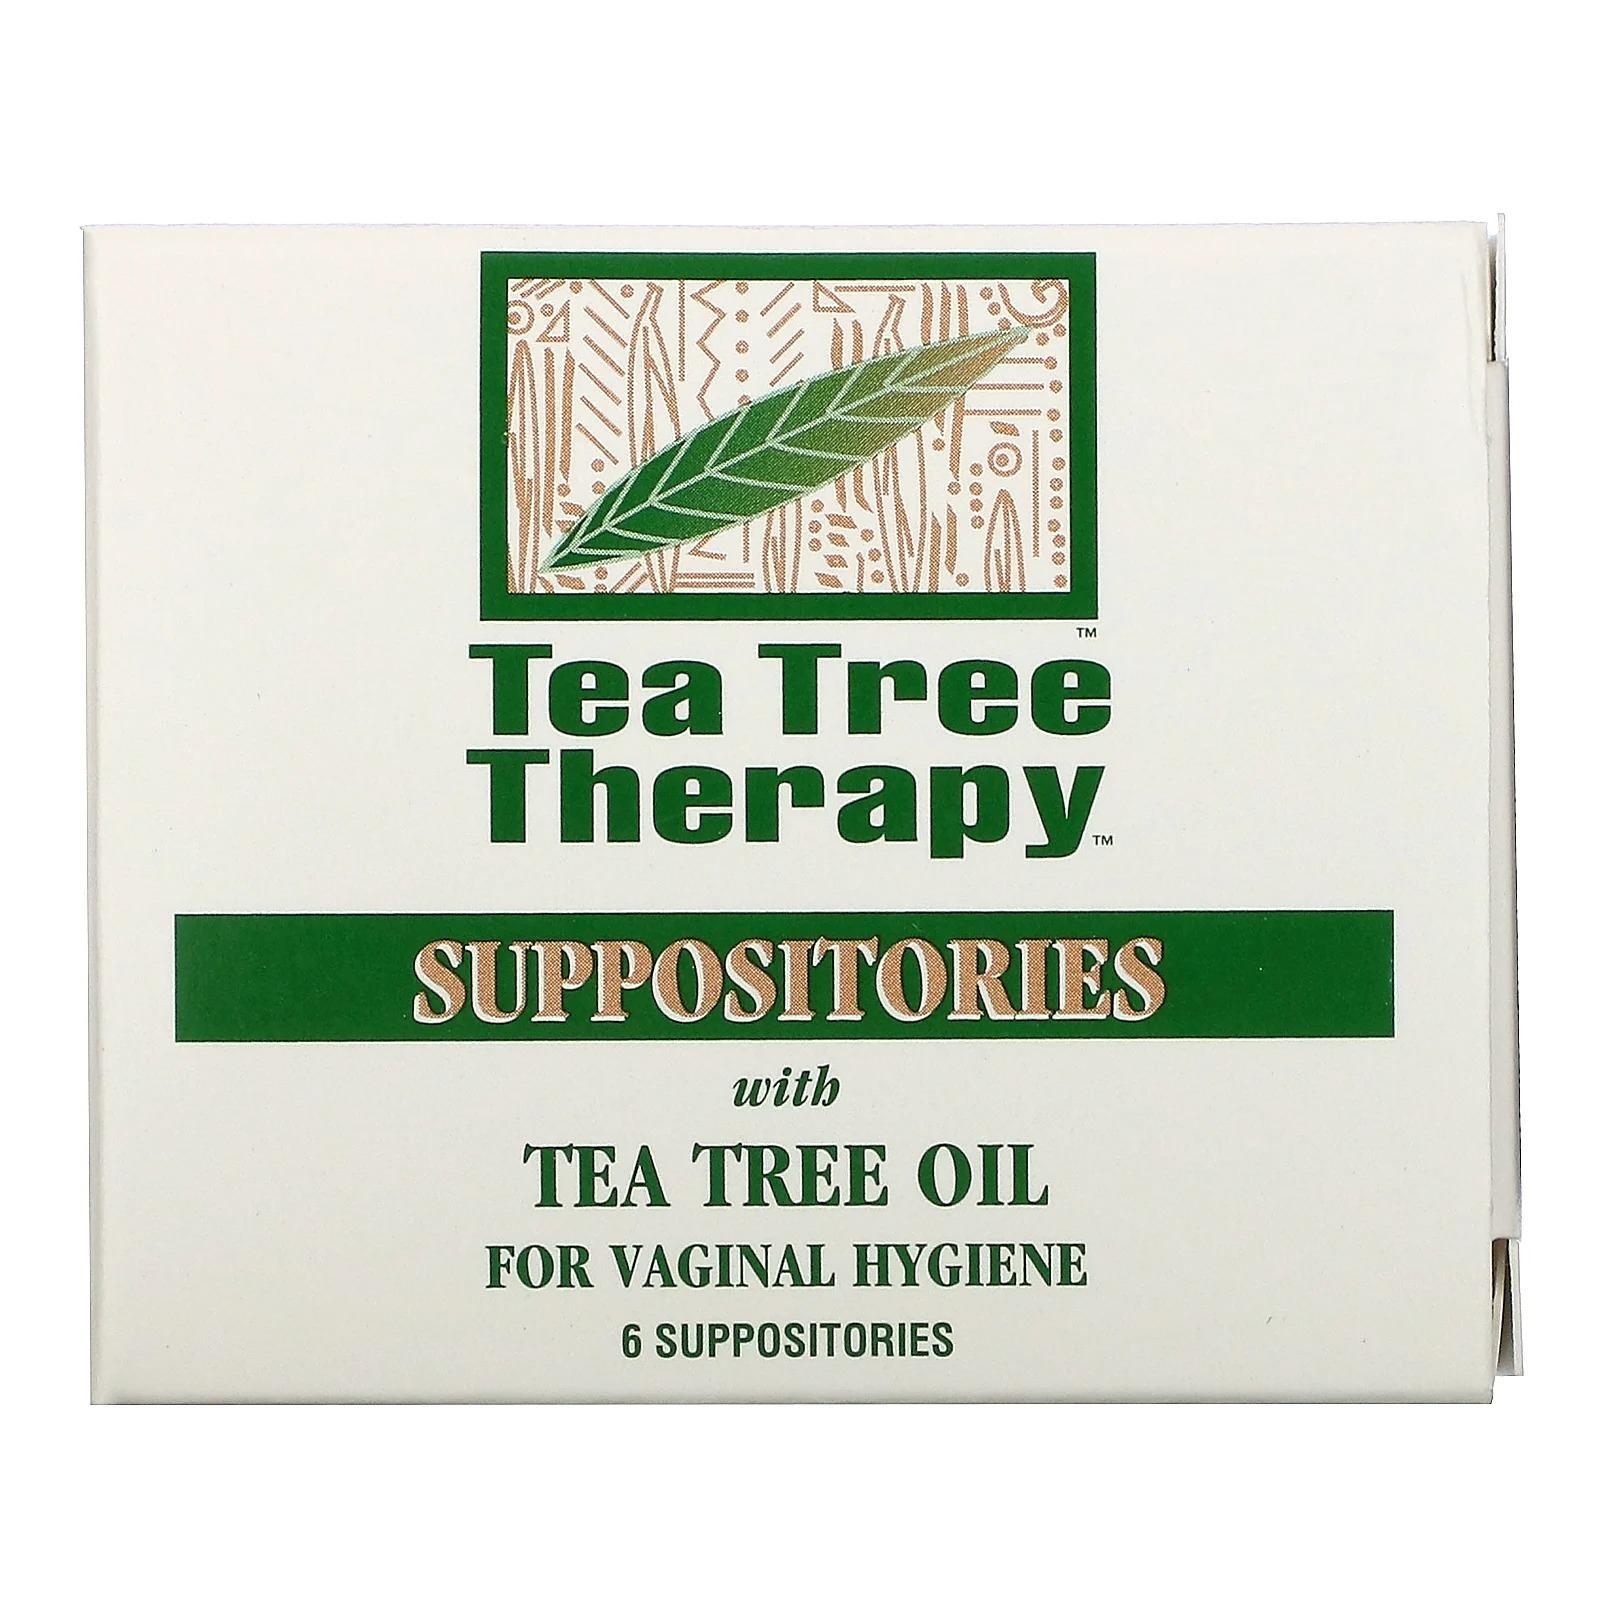 Tea Tree Therapy, cвечи с маслом чайного дерева для гигиены влагалища, 6 свечей